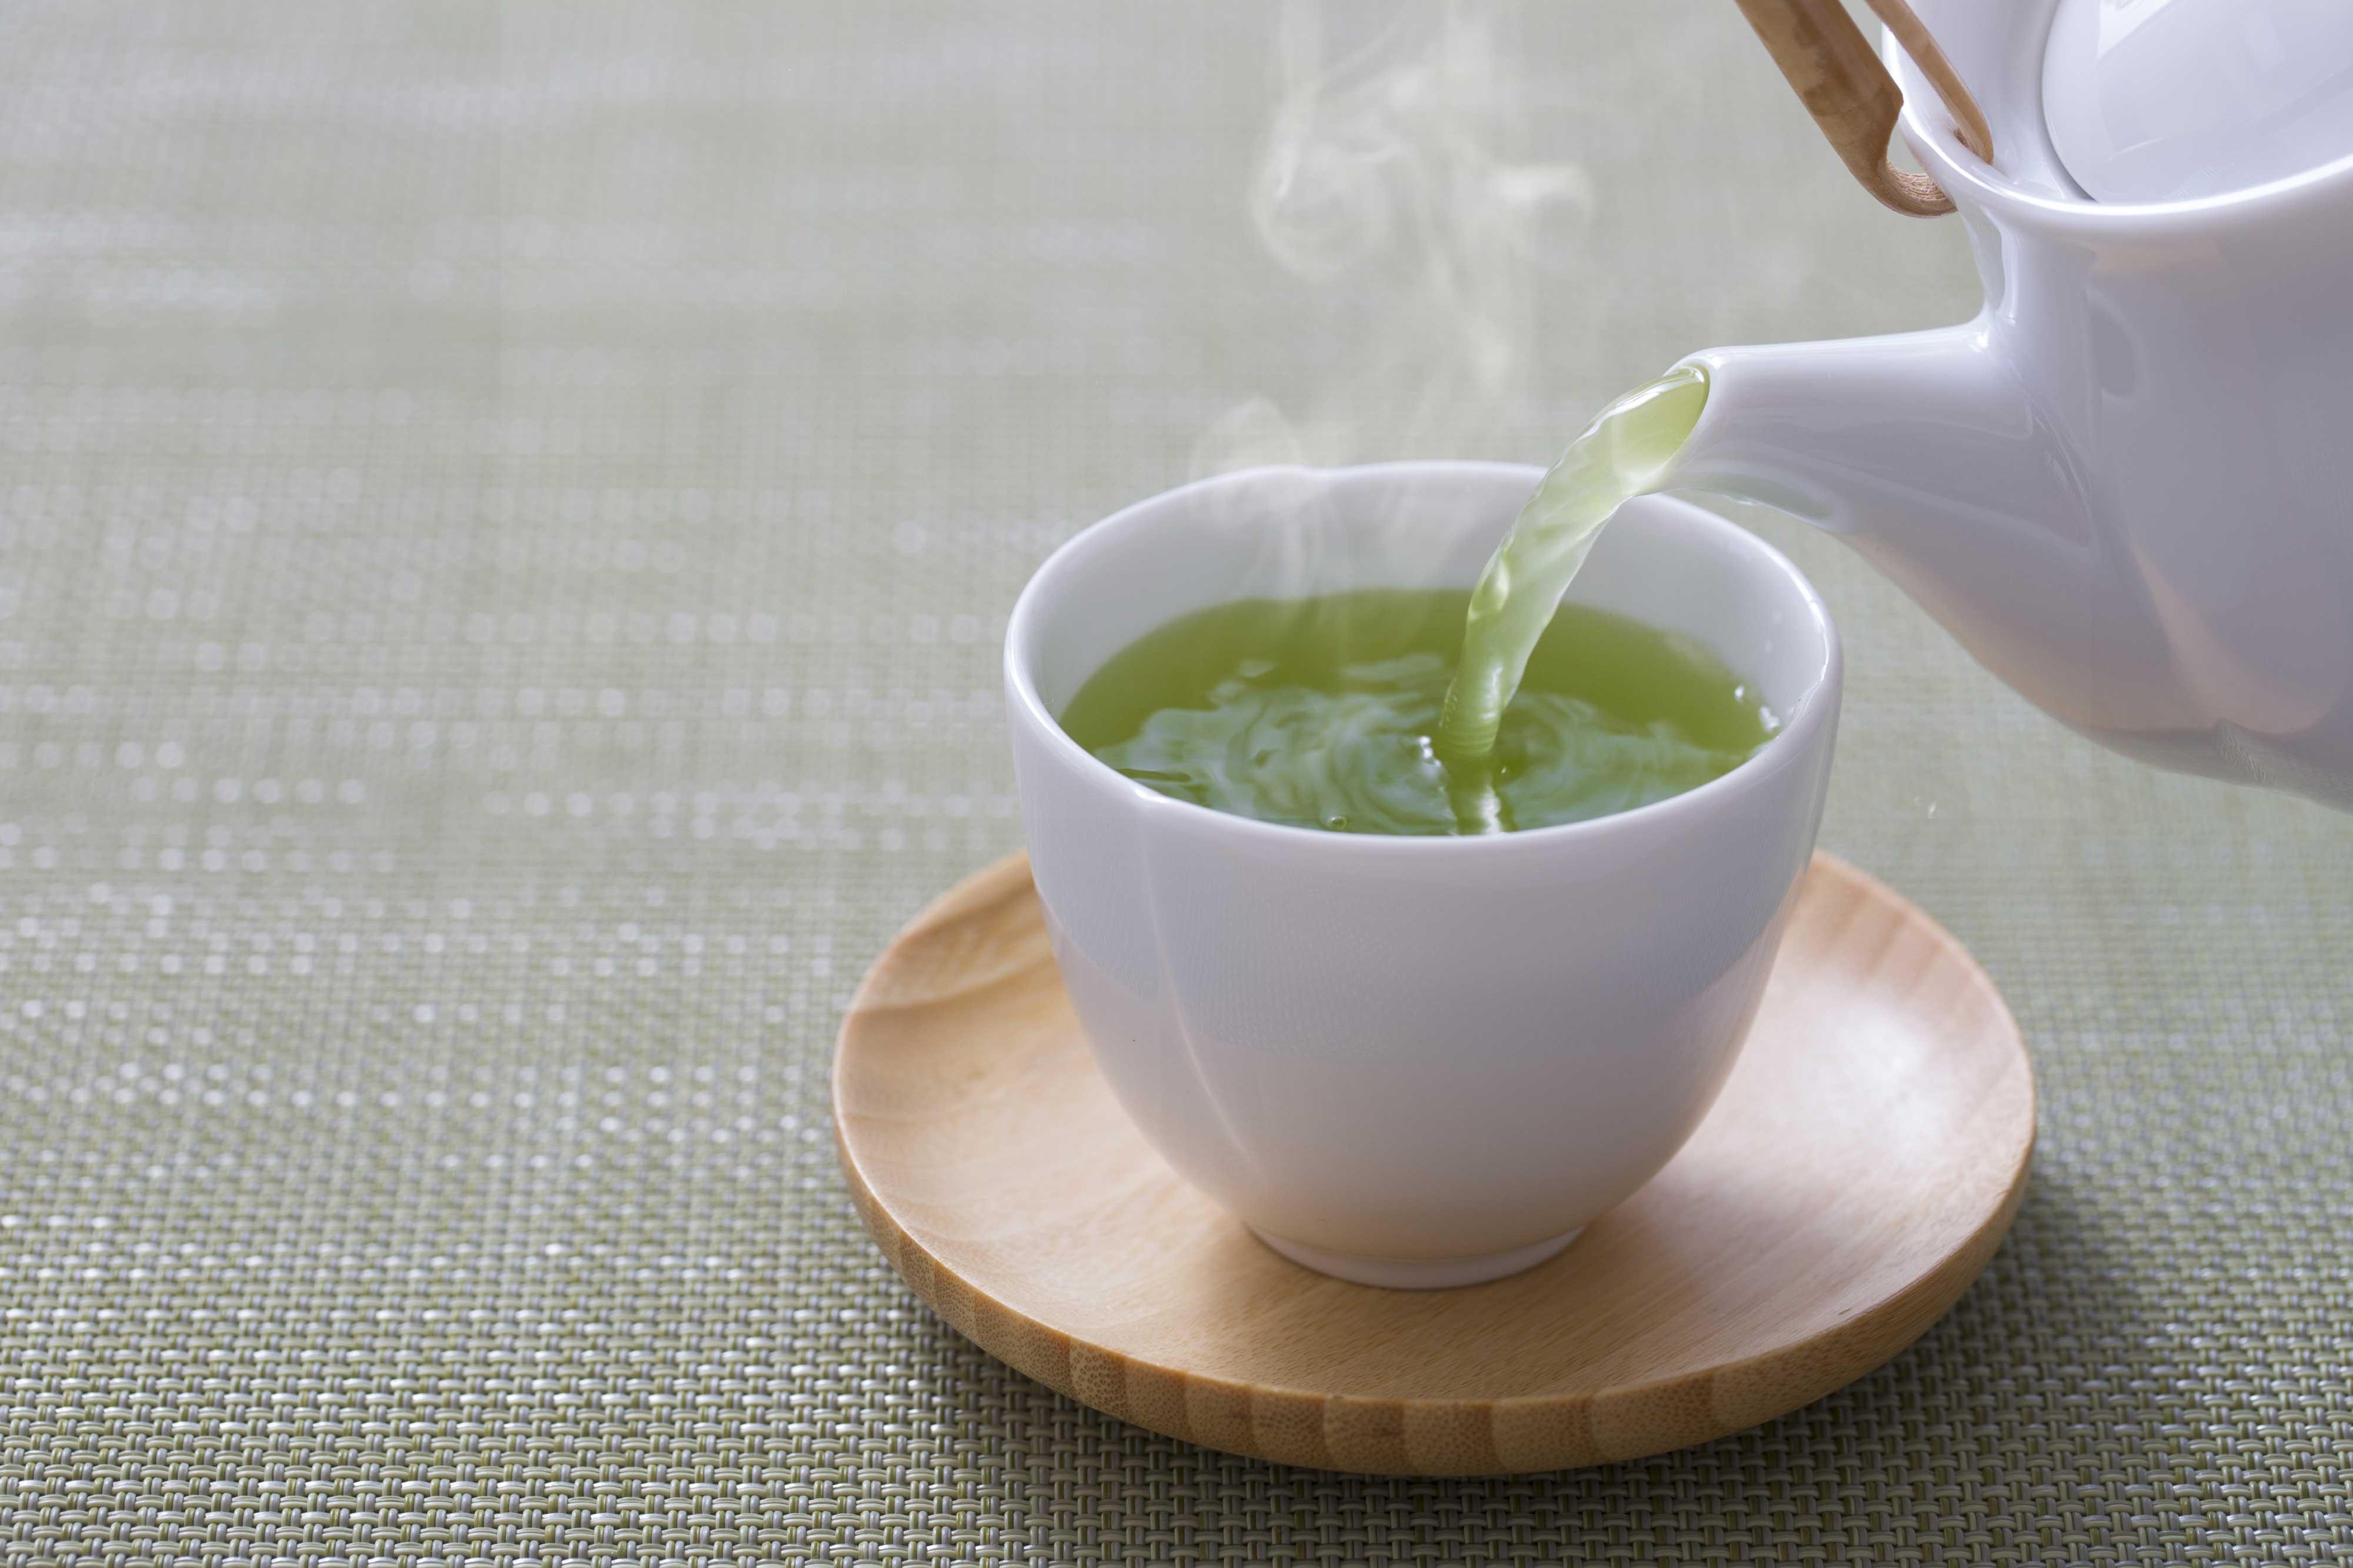 あらためて見直したい、玄米茶のすすめ